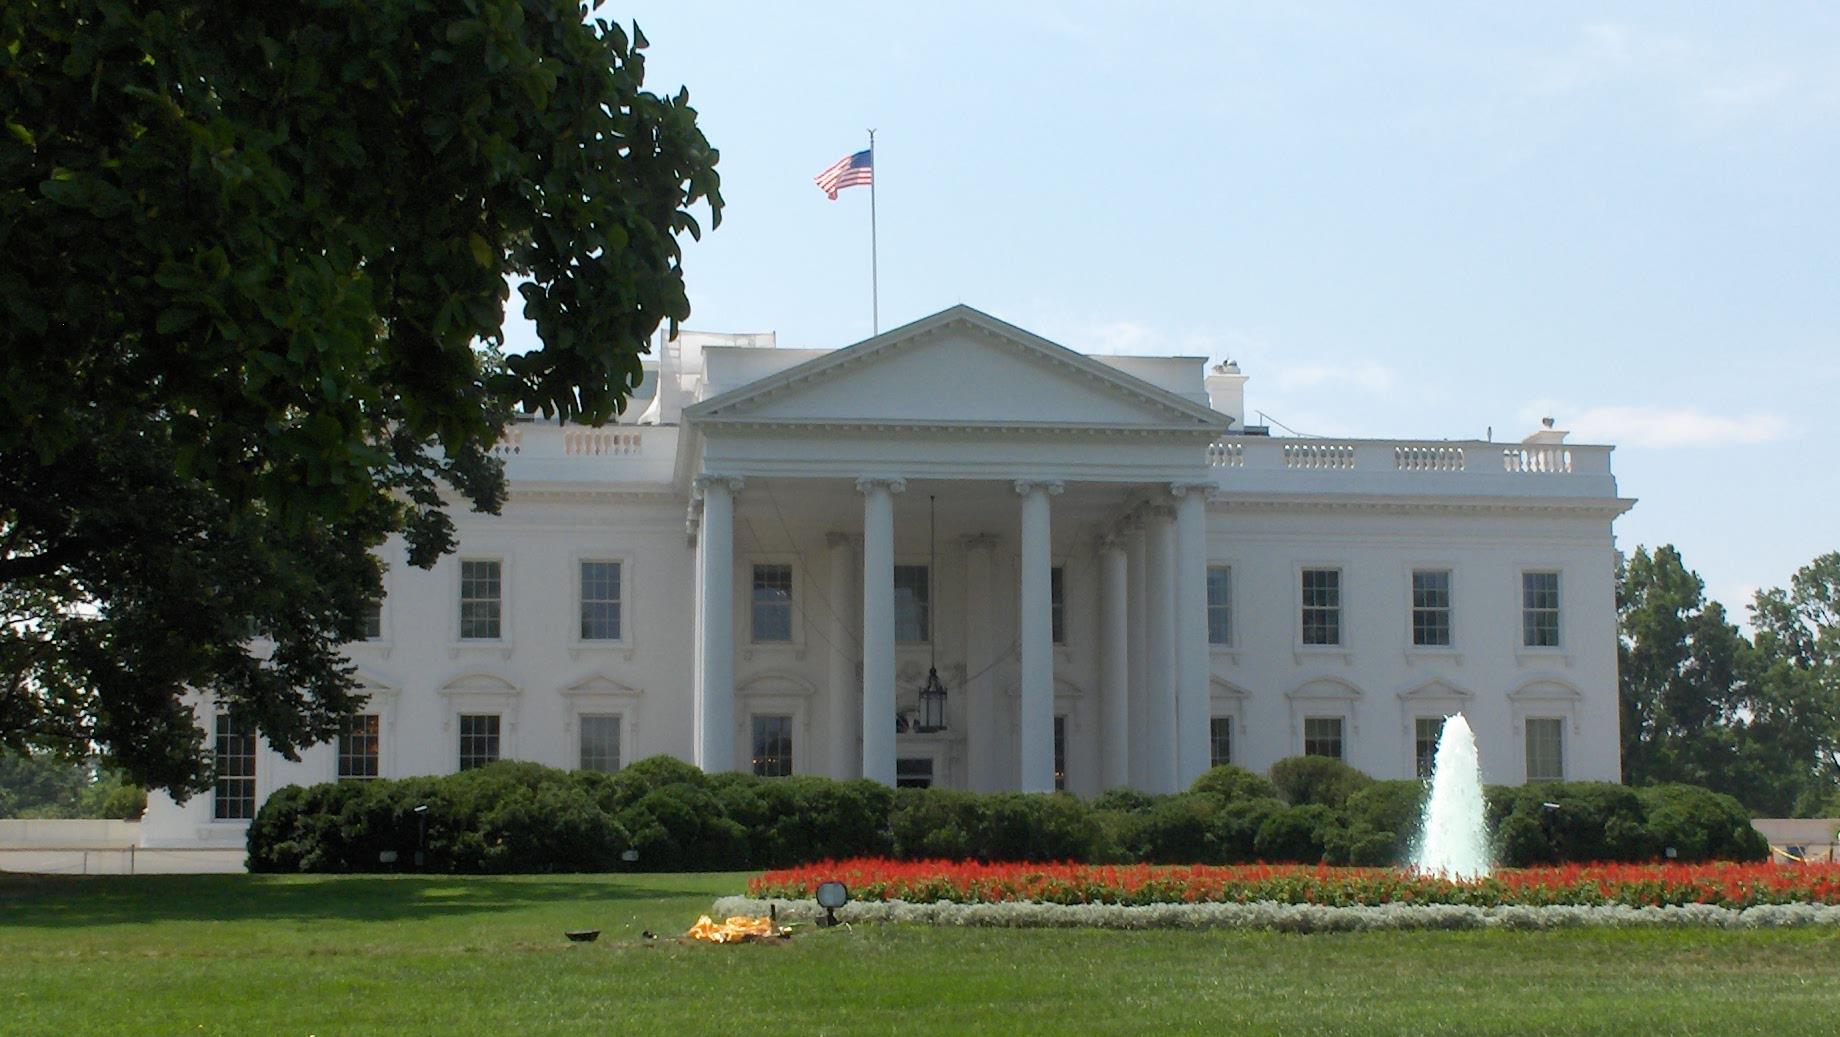 Casa Alba din Washington DC, simbolul arhitectural al presedinției Americii  - Deștepți.ro